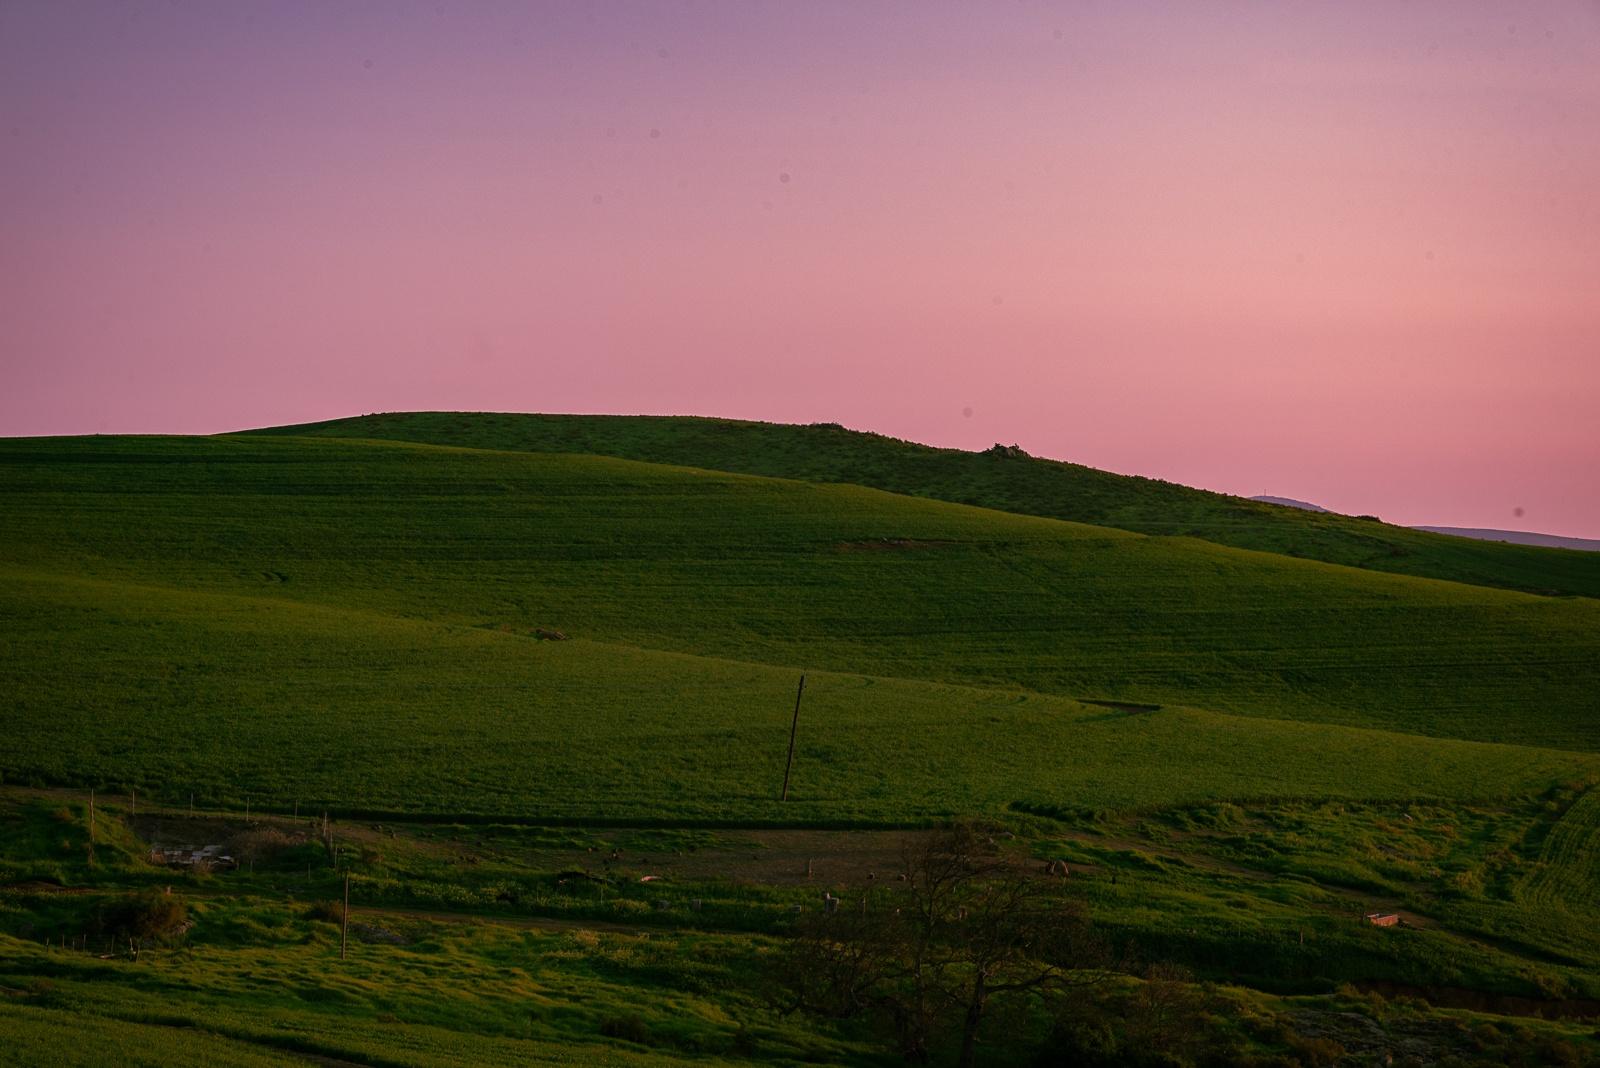 fine art landscape photographic print